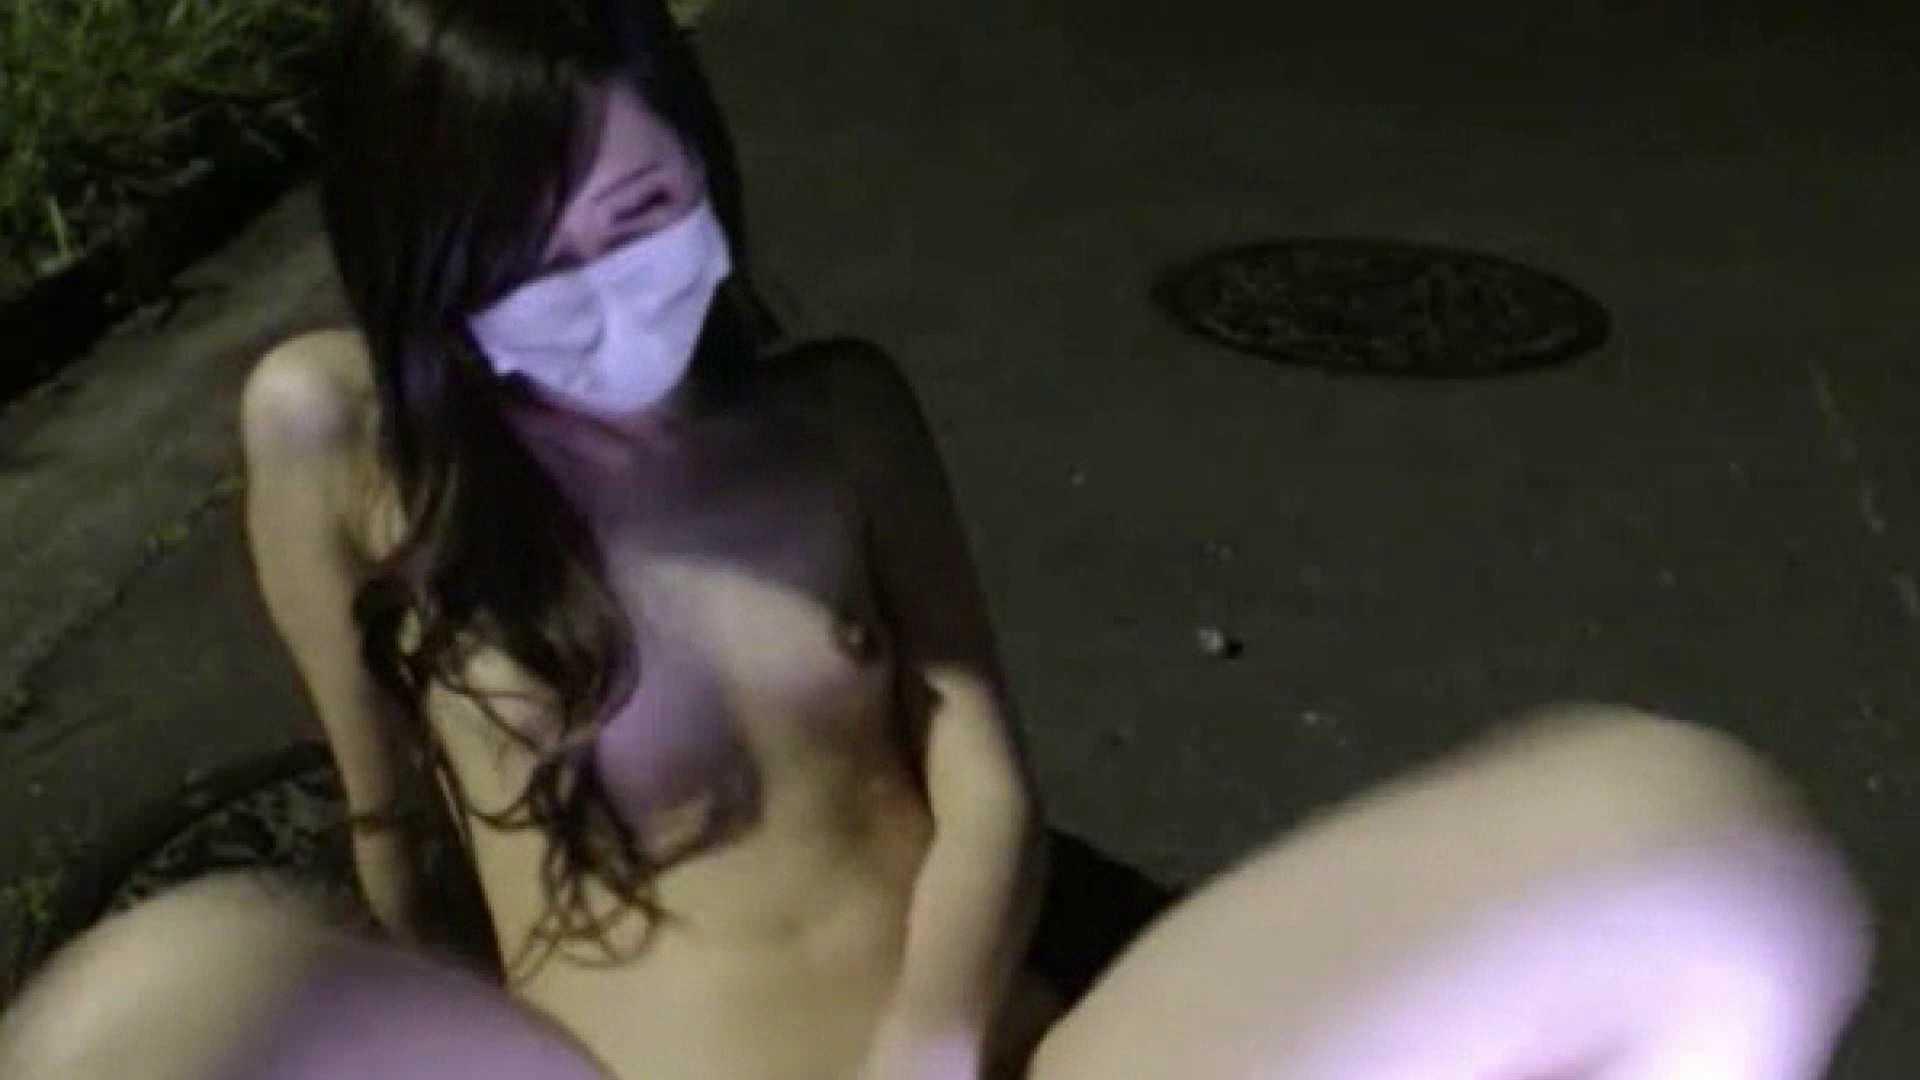 変態オナニー劇場 Vol.42 ギャル | OLの裸事情  109枚 1